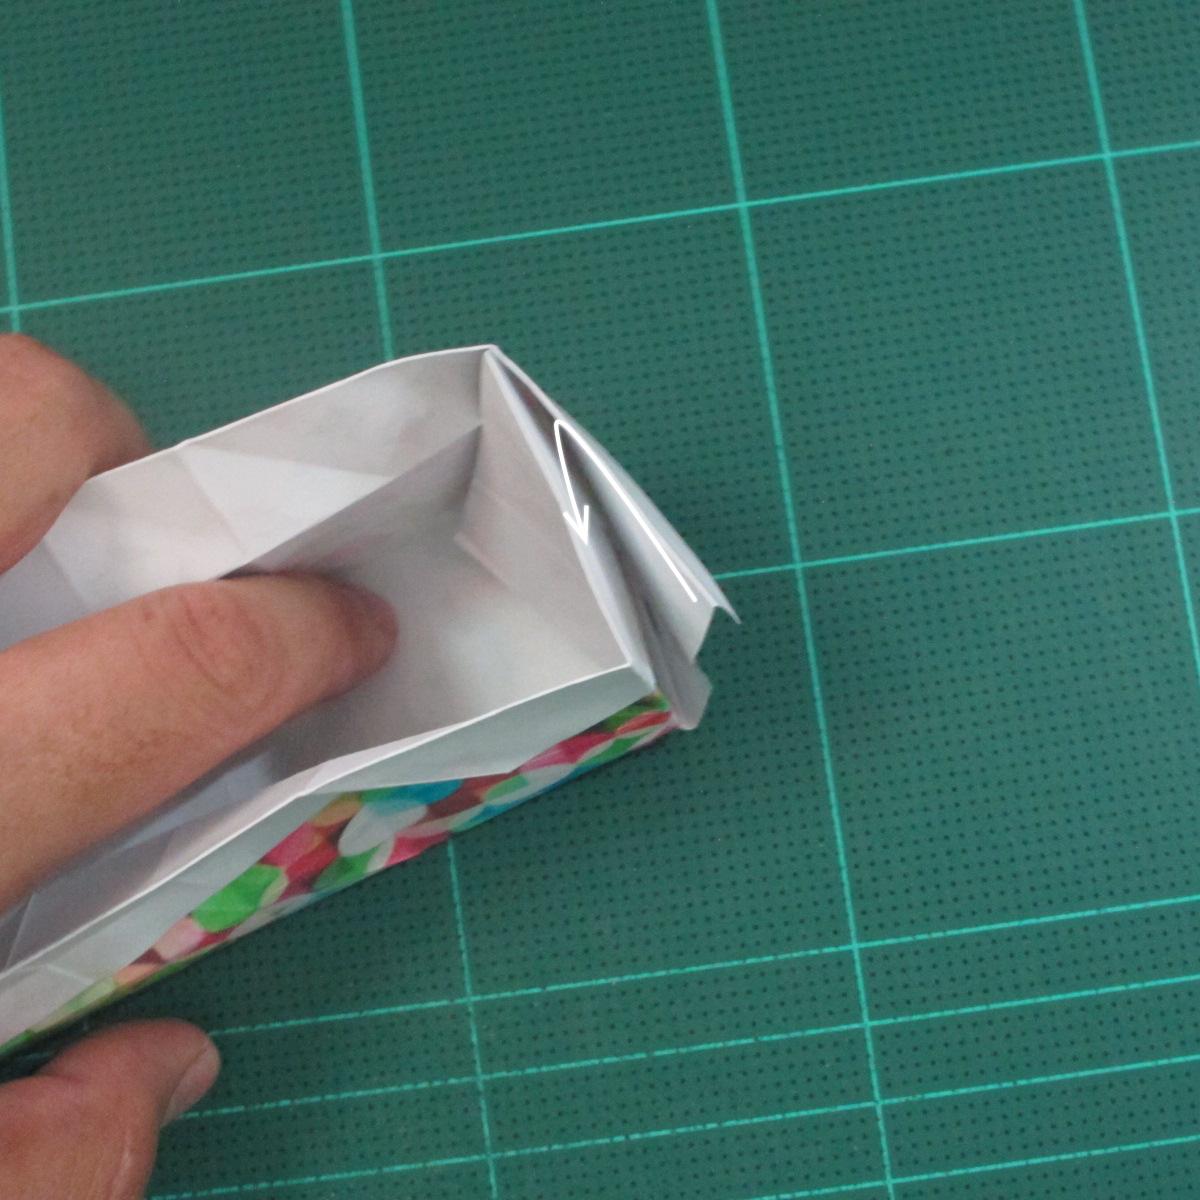 วิธีพับกล่องของขวัญแบบมีฝาปิด (Origami Present Box With Lid) 022